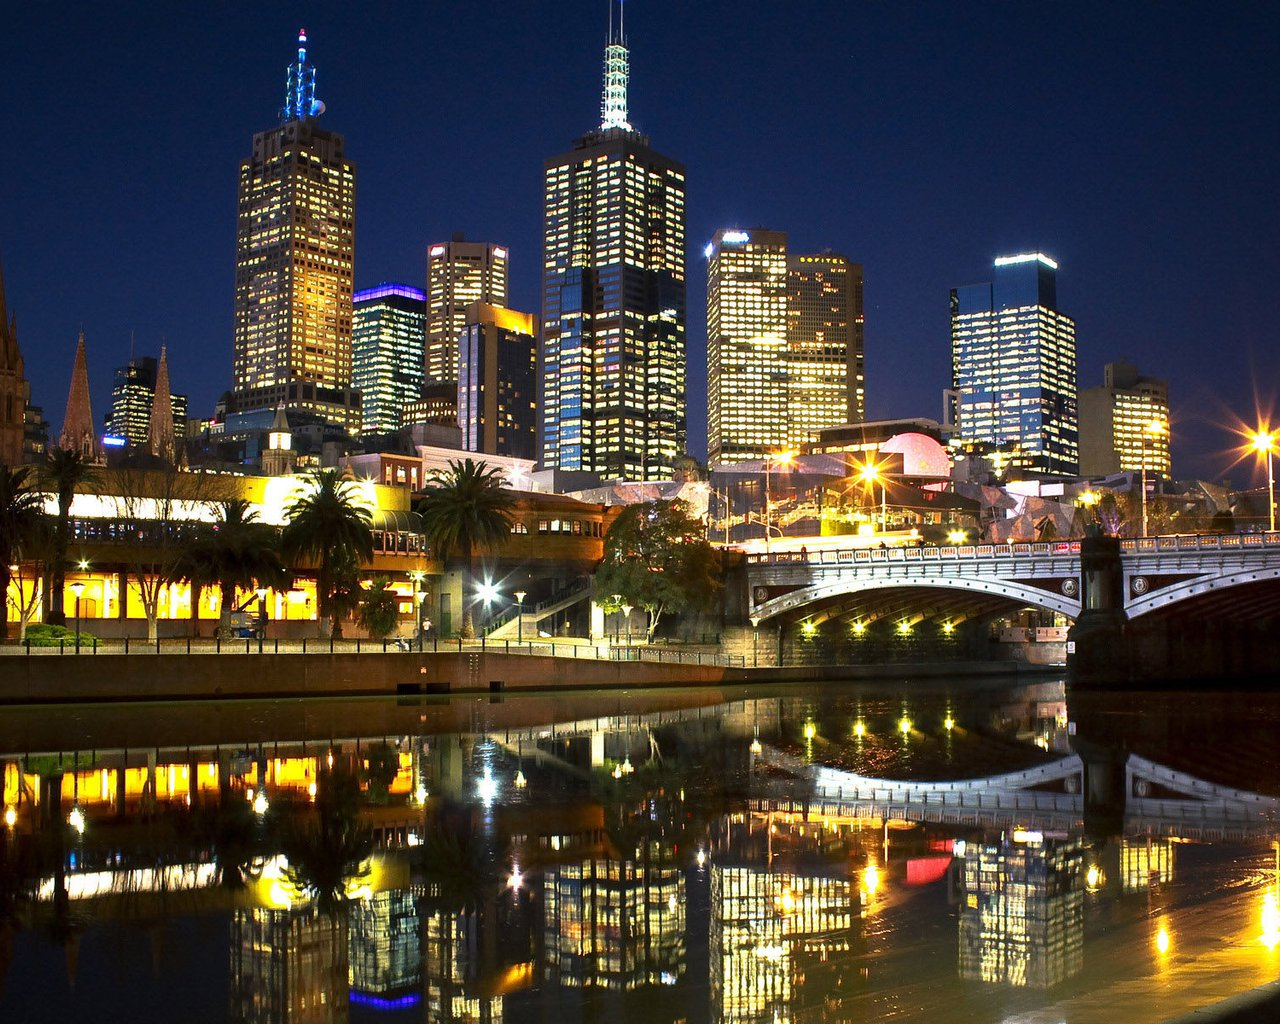 """墨尔本PPT背景图片免费下载是由PPT宝藏(www.pptbz.com)会员zengmin上传推荐的风景PPT背景图片, 更新时间为2016-10-27,素材编号109290。 墨尔本(Melbourne)是澳大利亚维多利亚州的首府,澳洲文化、工业中心,是南半球最负胜名的文化名城。墨尔本是澳大利亚维多利亚州的首府,城市绿地率高达40%。大墨尔本地区面积达到3,400平方英里(8806平方公里),是南半球较广大的都会区之一。墨尔本城市环境非常优雅,曾荣获联合国人居奖,并连续多年被联合国人居署评为""""全球最适"""